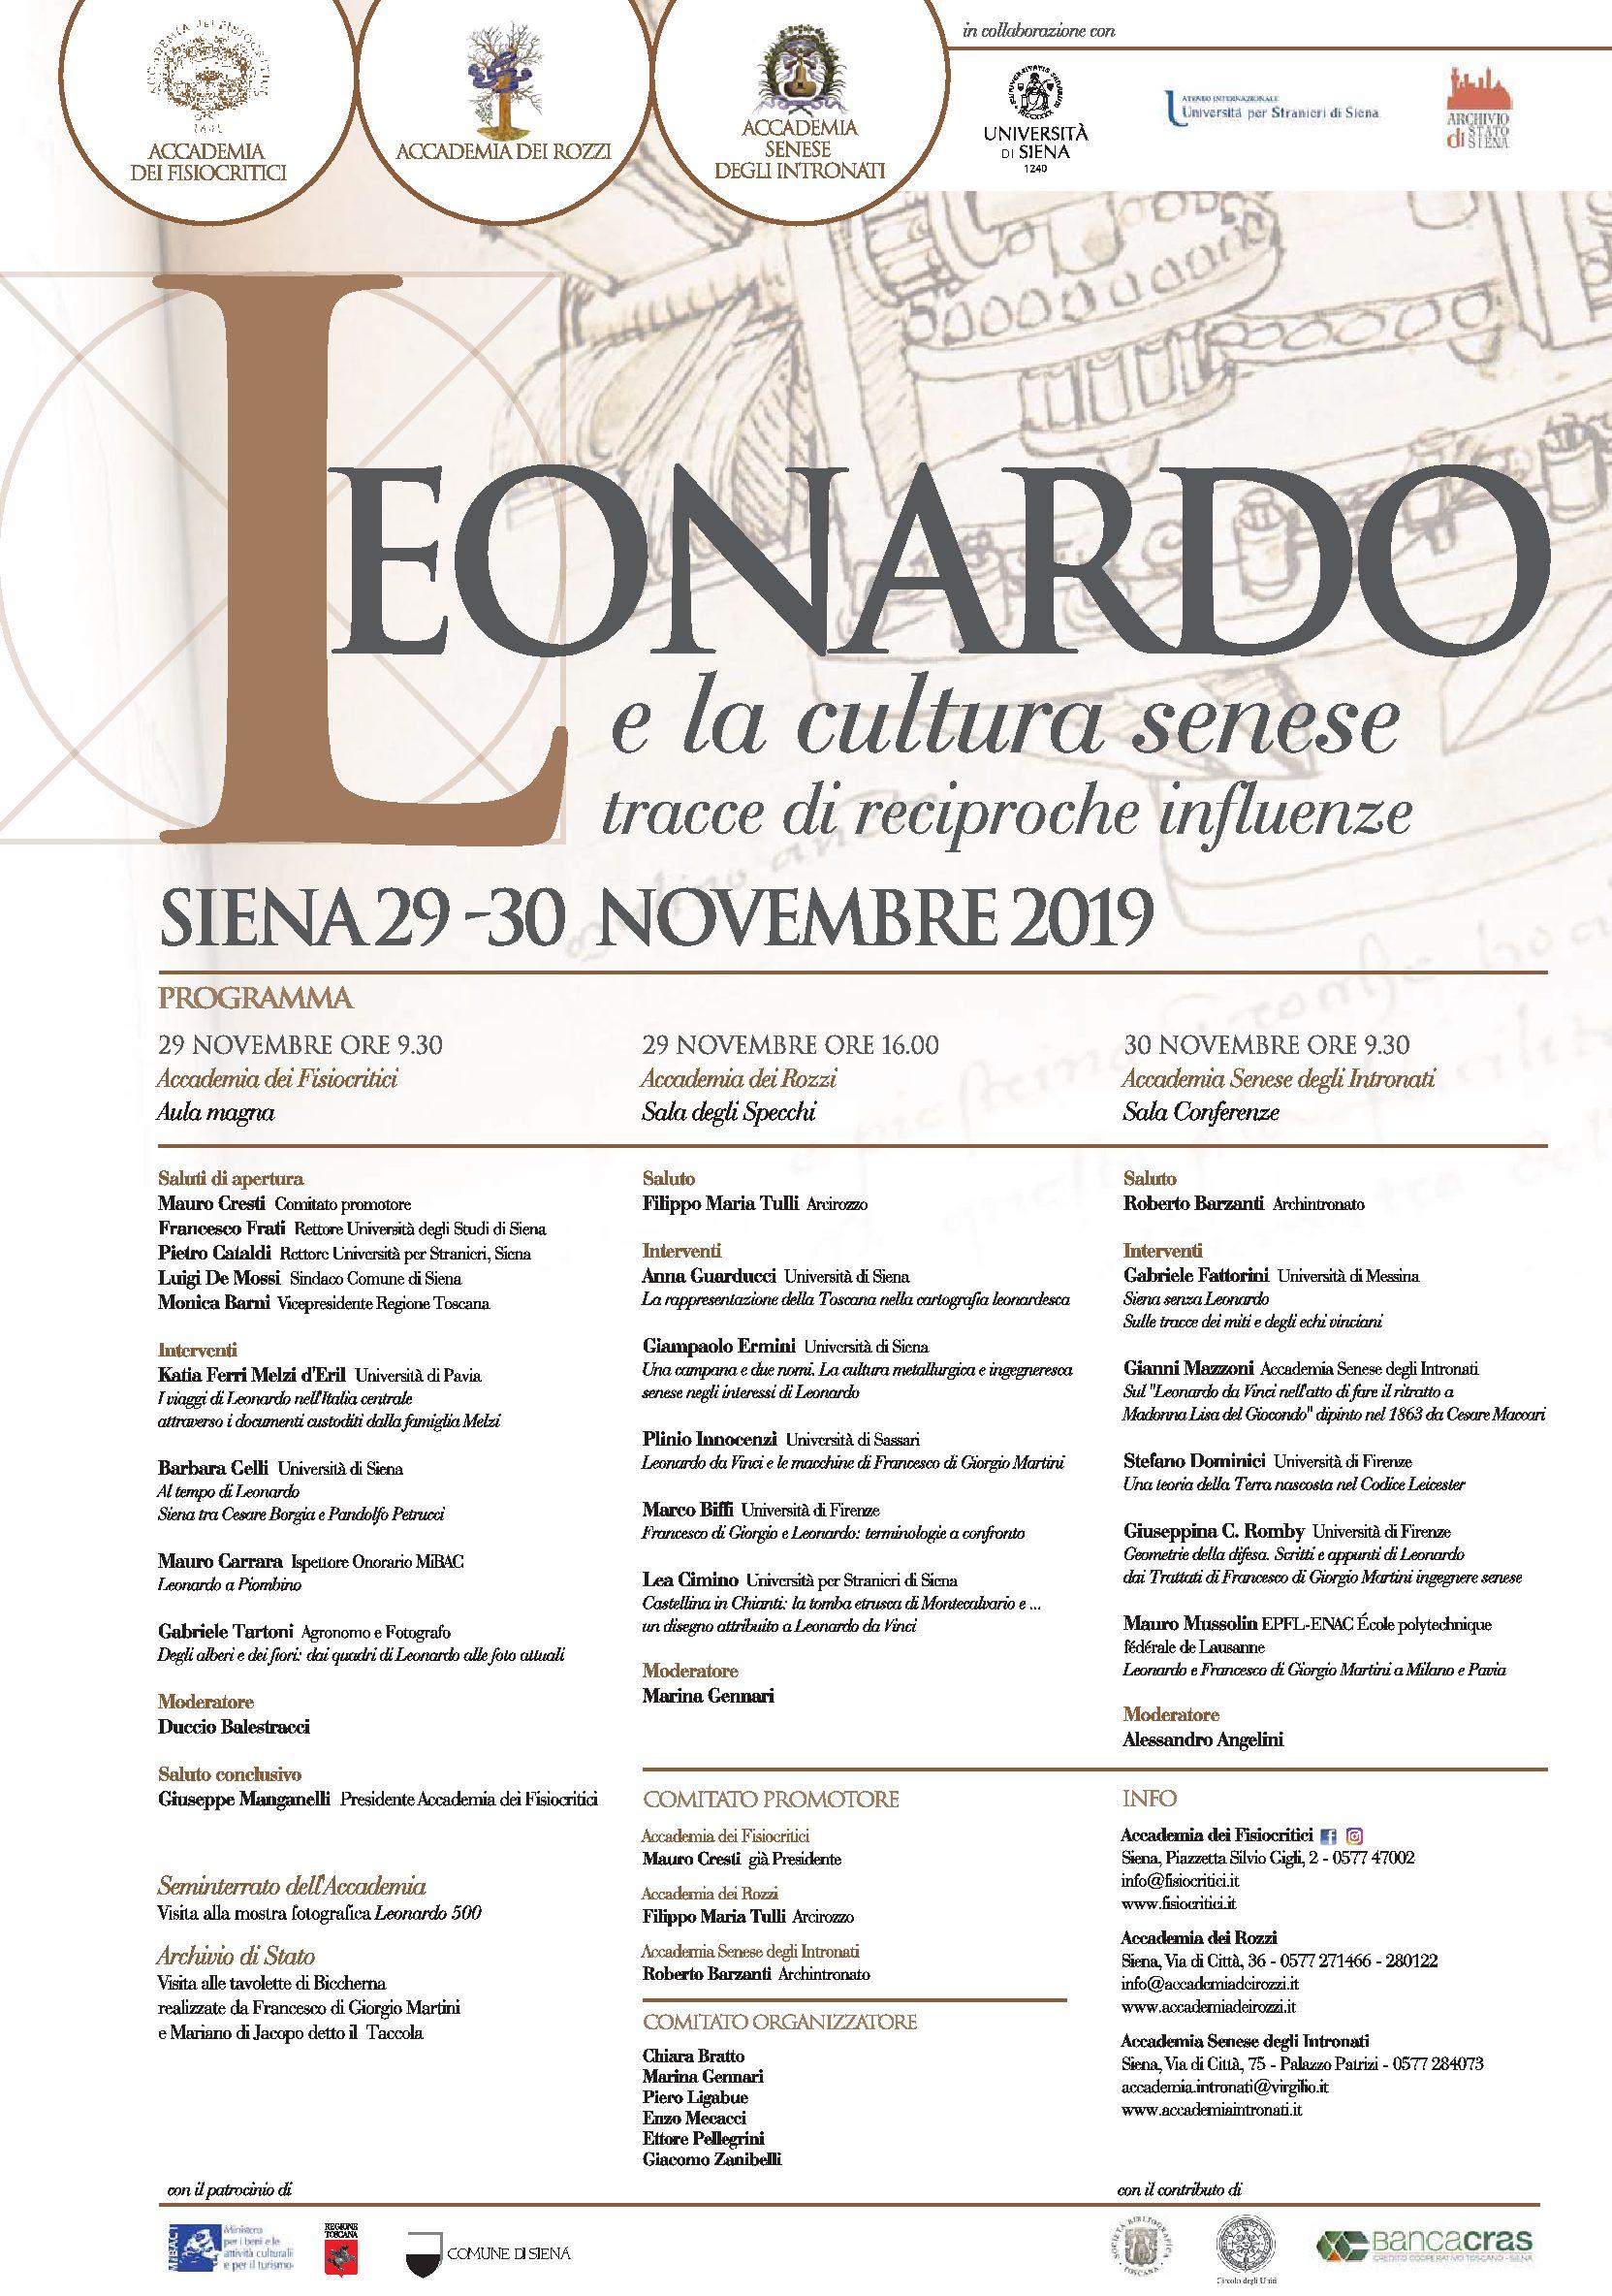 Leonardo e la cultura senese. Tracce di reciproche influenze